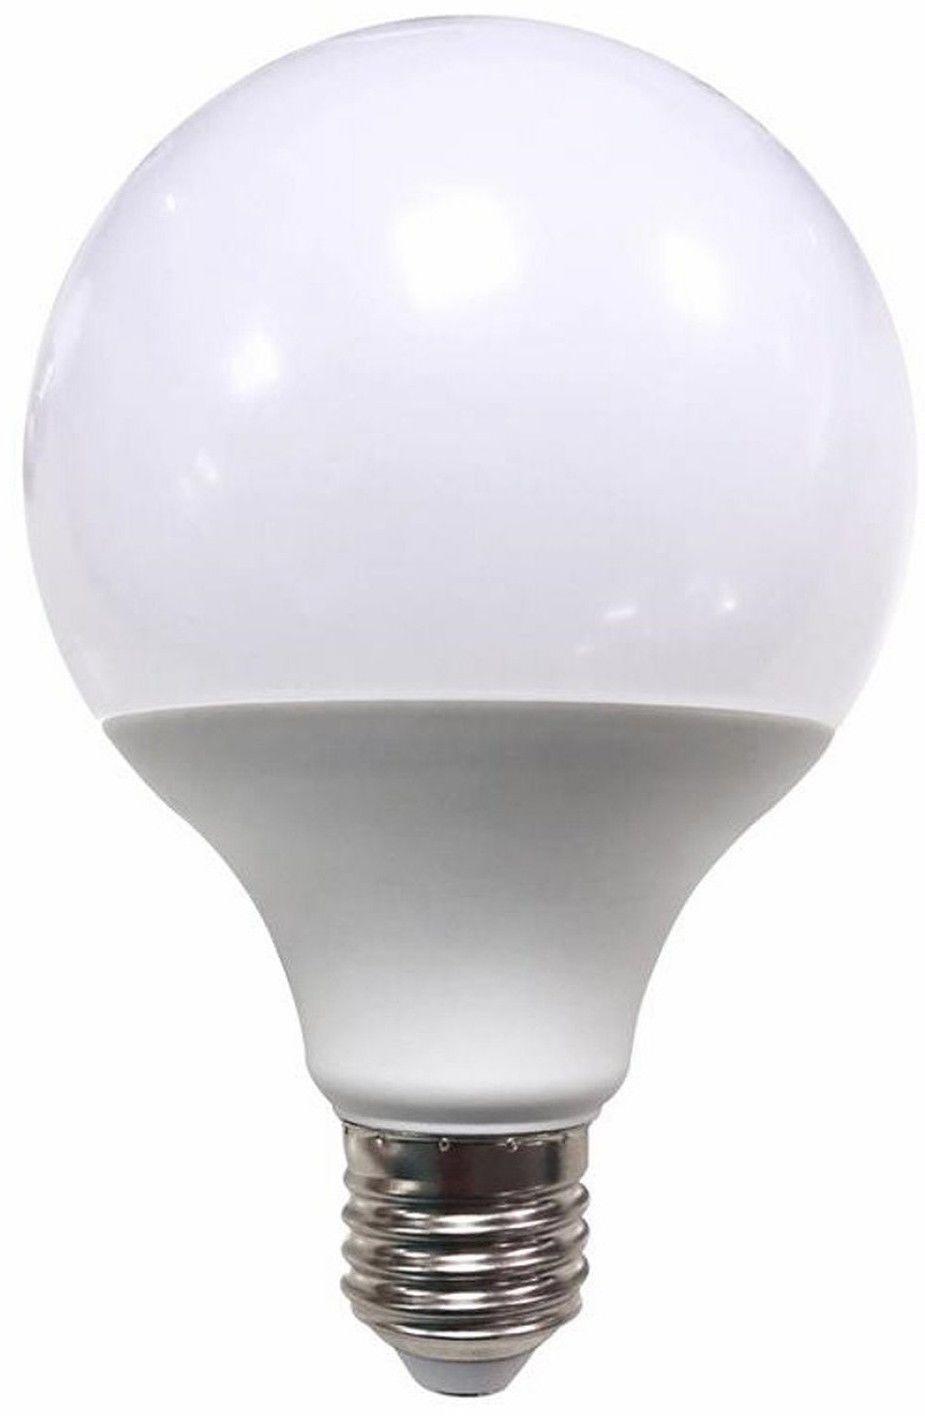 Żarówka RGB gwint E27 9W 806 lumenów 311436 POLUX/SANICO